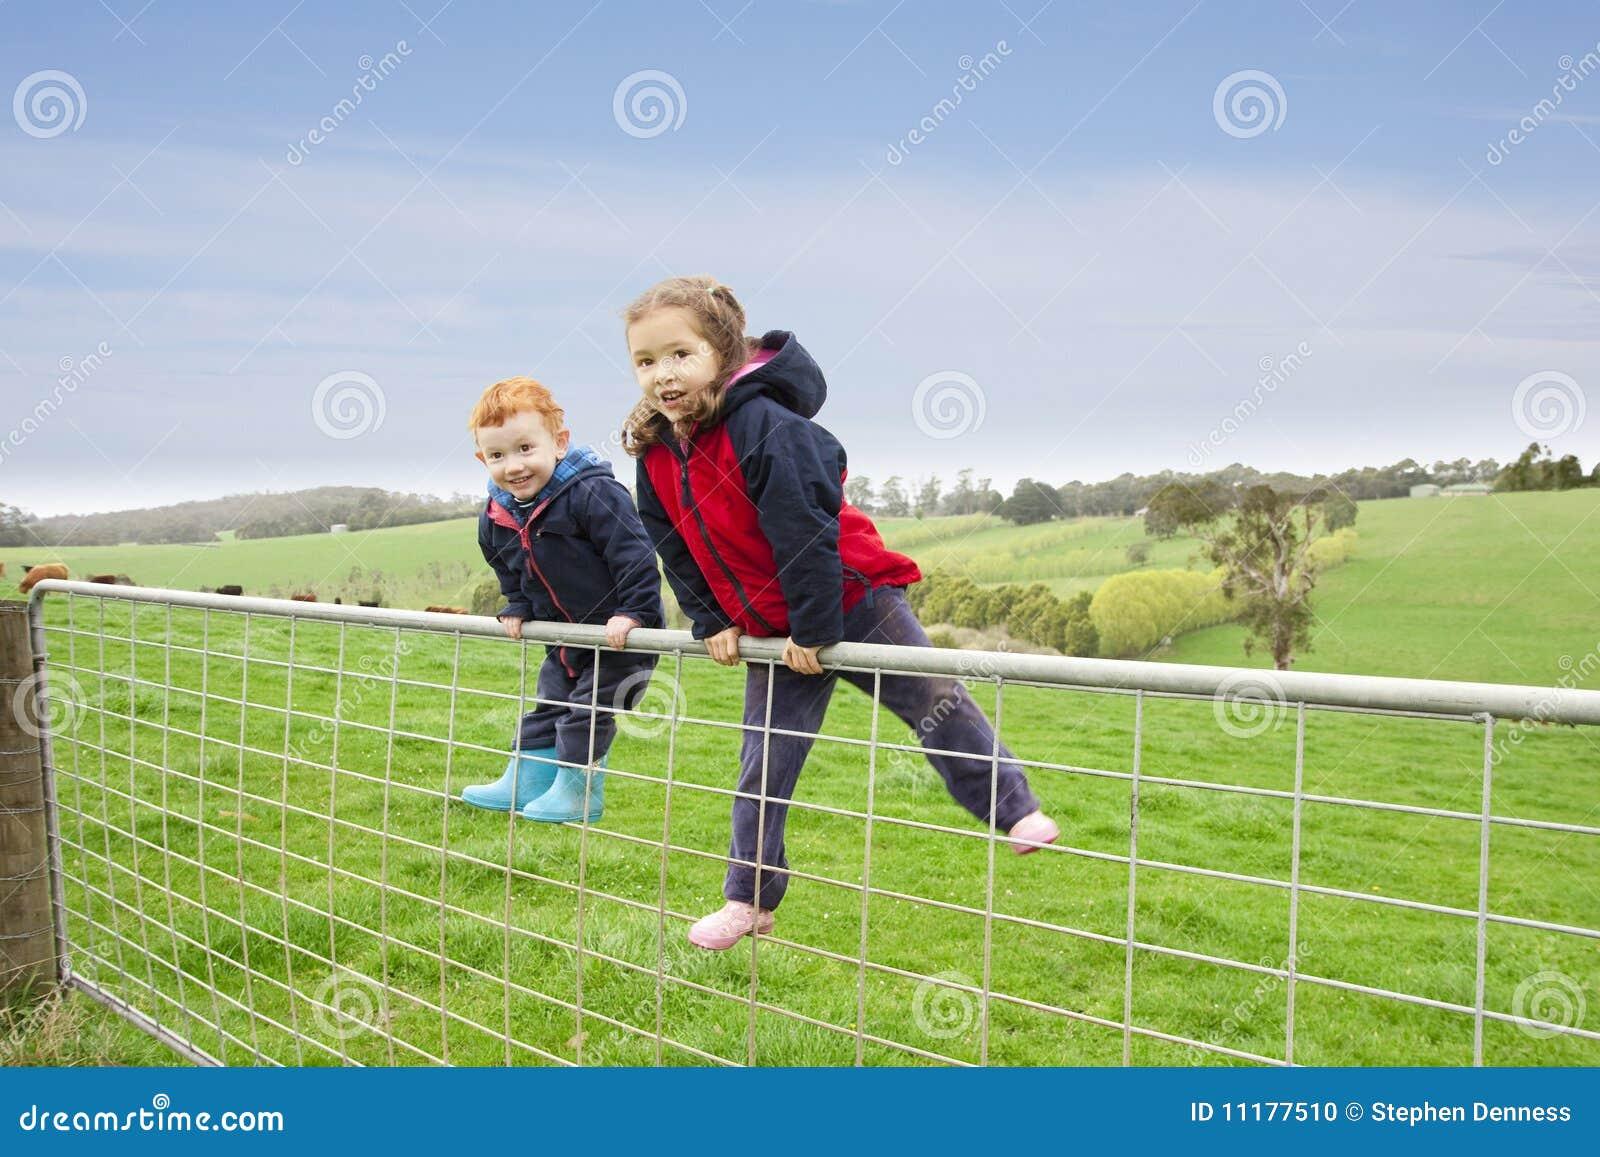 Children on farm gate